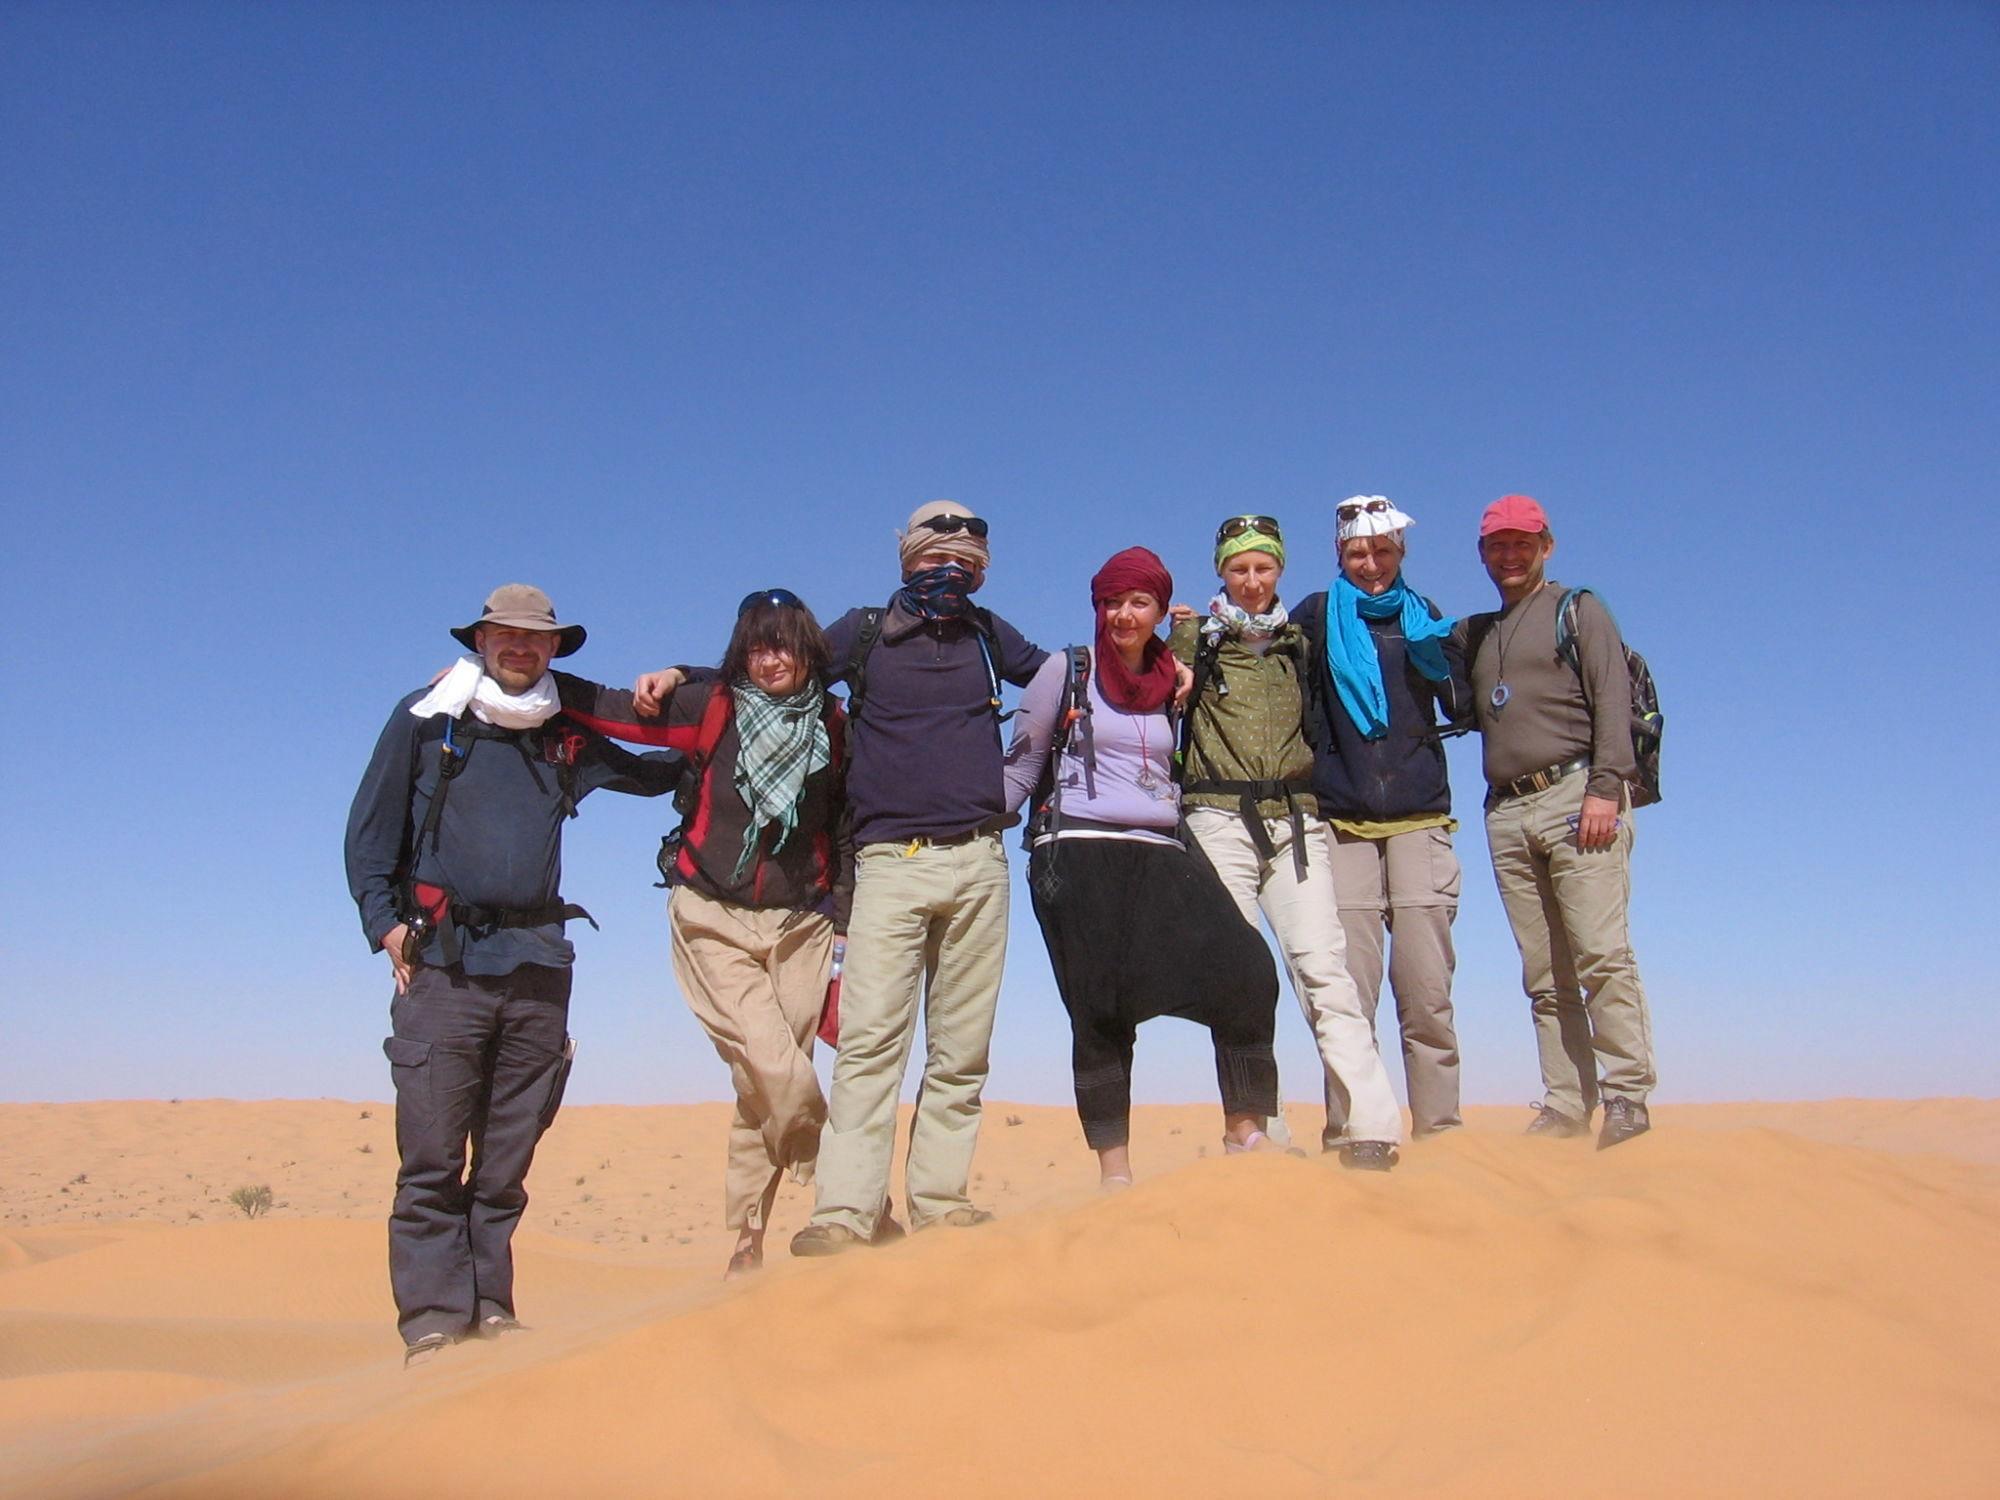 skupina poutníků - vision quest naSahaře 2013